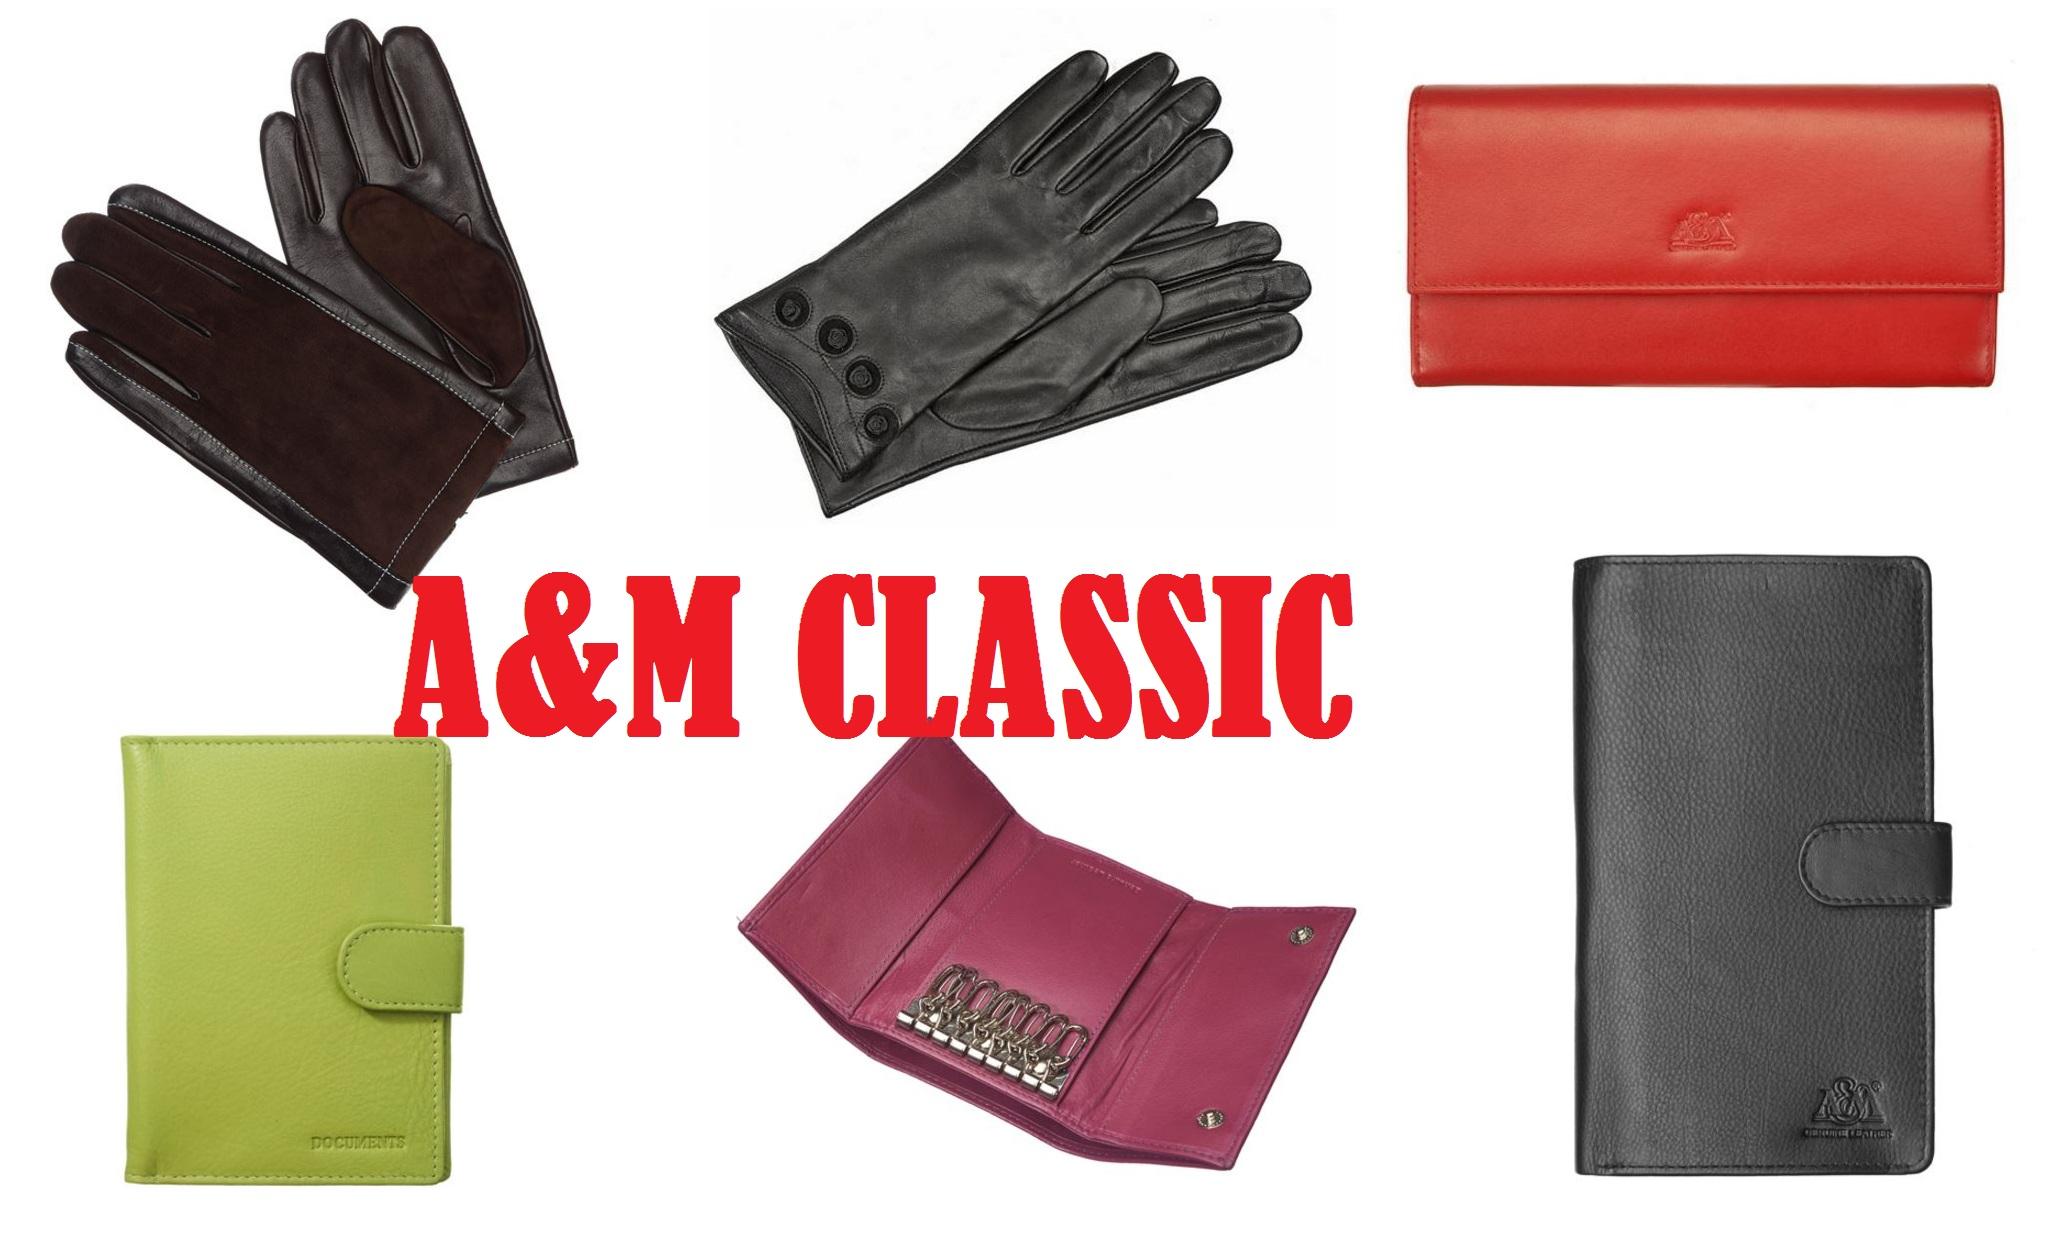 Подарки к Новому году! A&M - кожгалантерея напрямую от производителя. Премиум качество по приятным ценам! Мужской и женский ассортимент: перчатки, кошельки-портмоне, ключницы, обложки. Выкуп 3